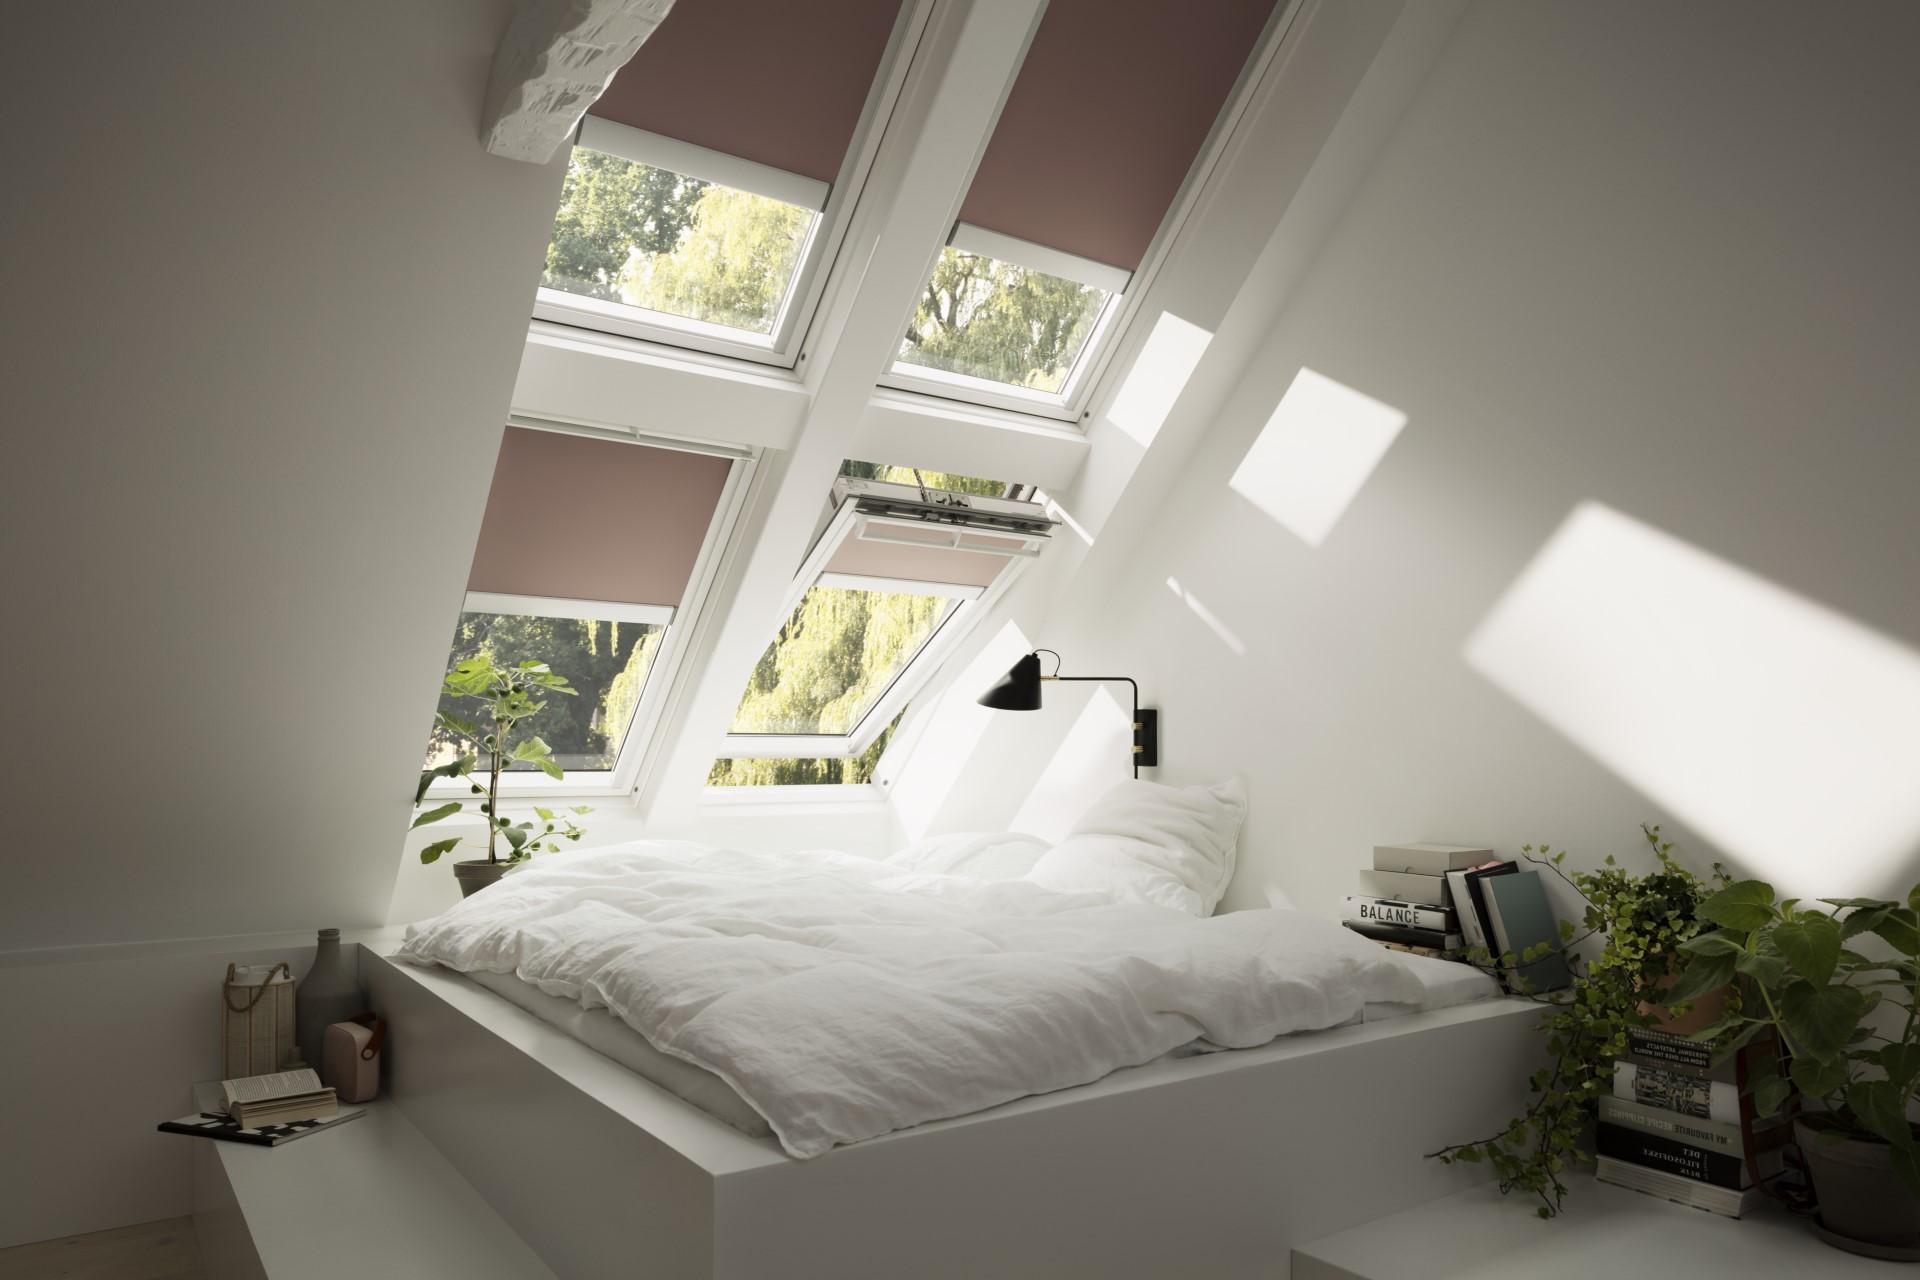 Camera da letto arieggiata for Crea la tua camera da letto